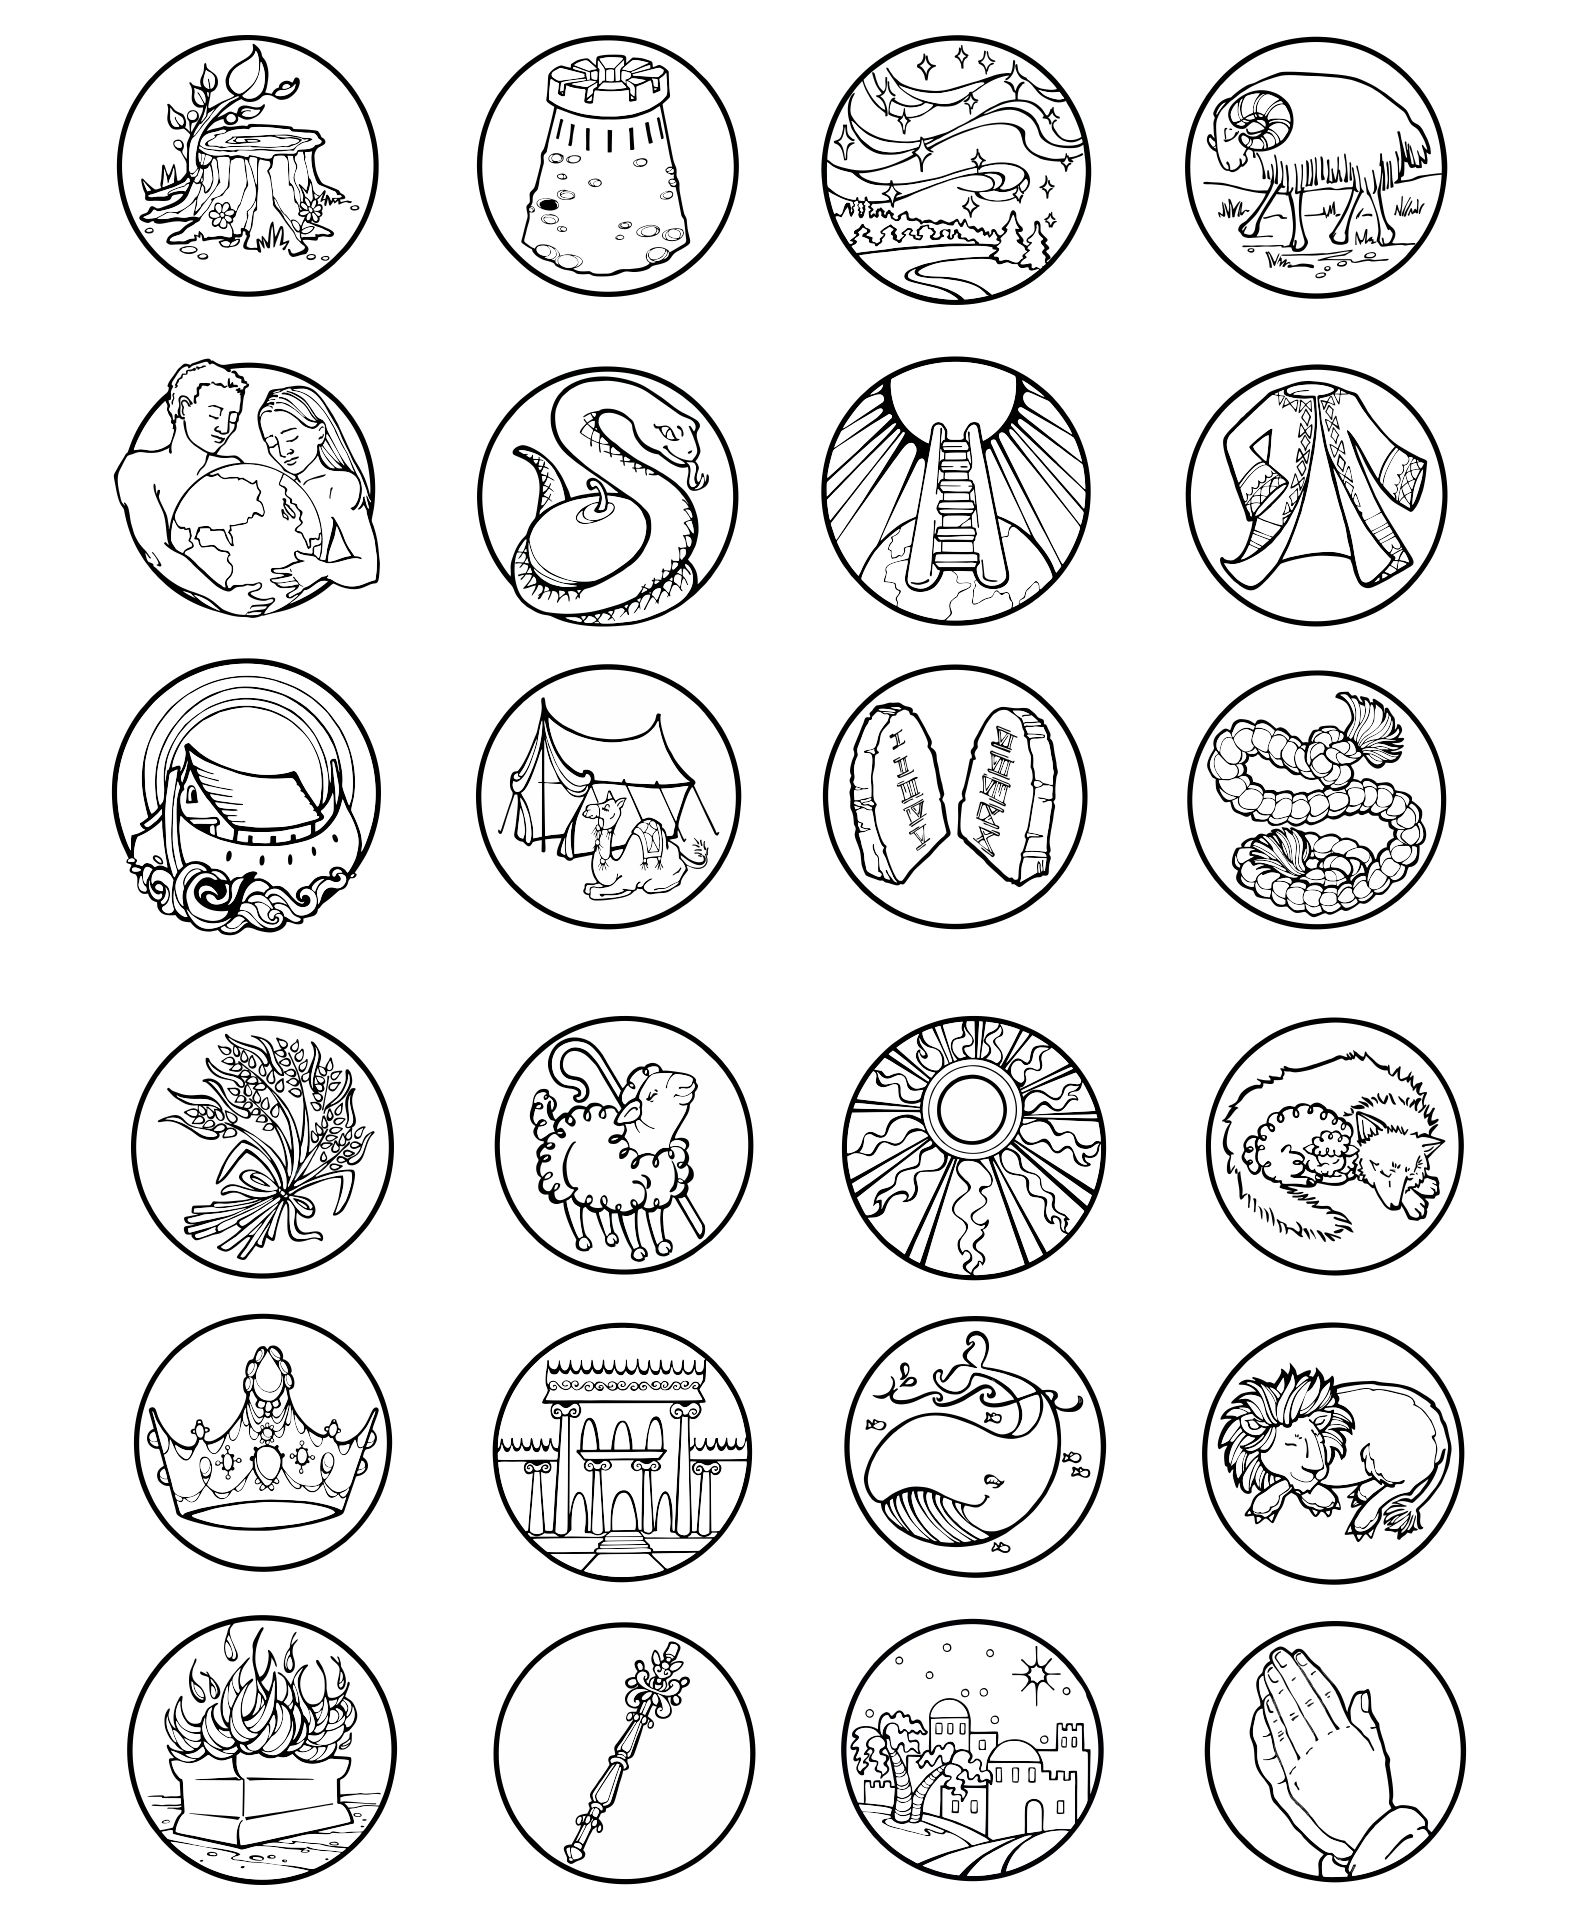 Jesse Tree Symbols